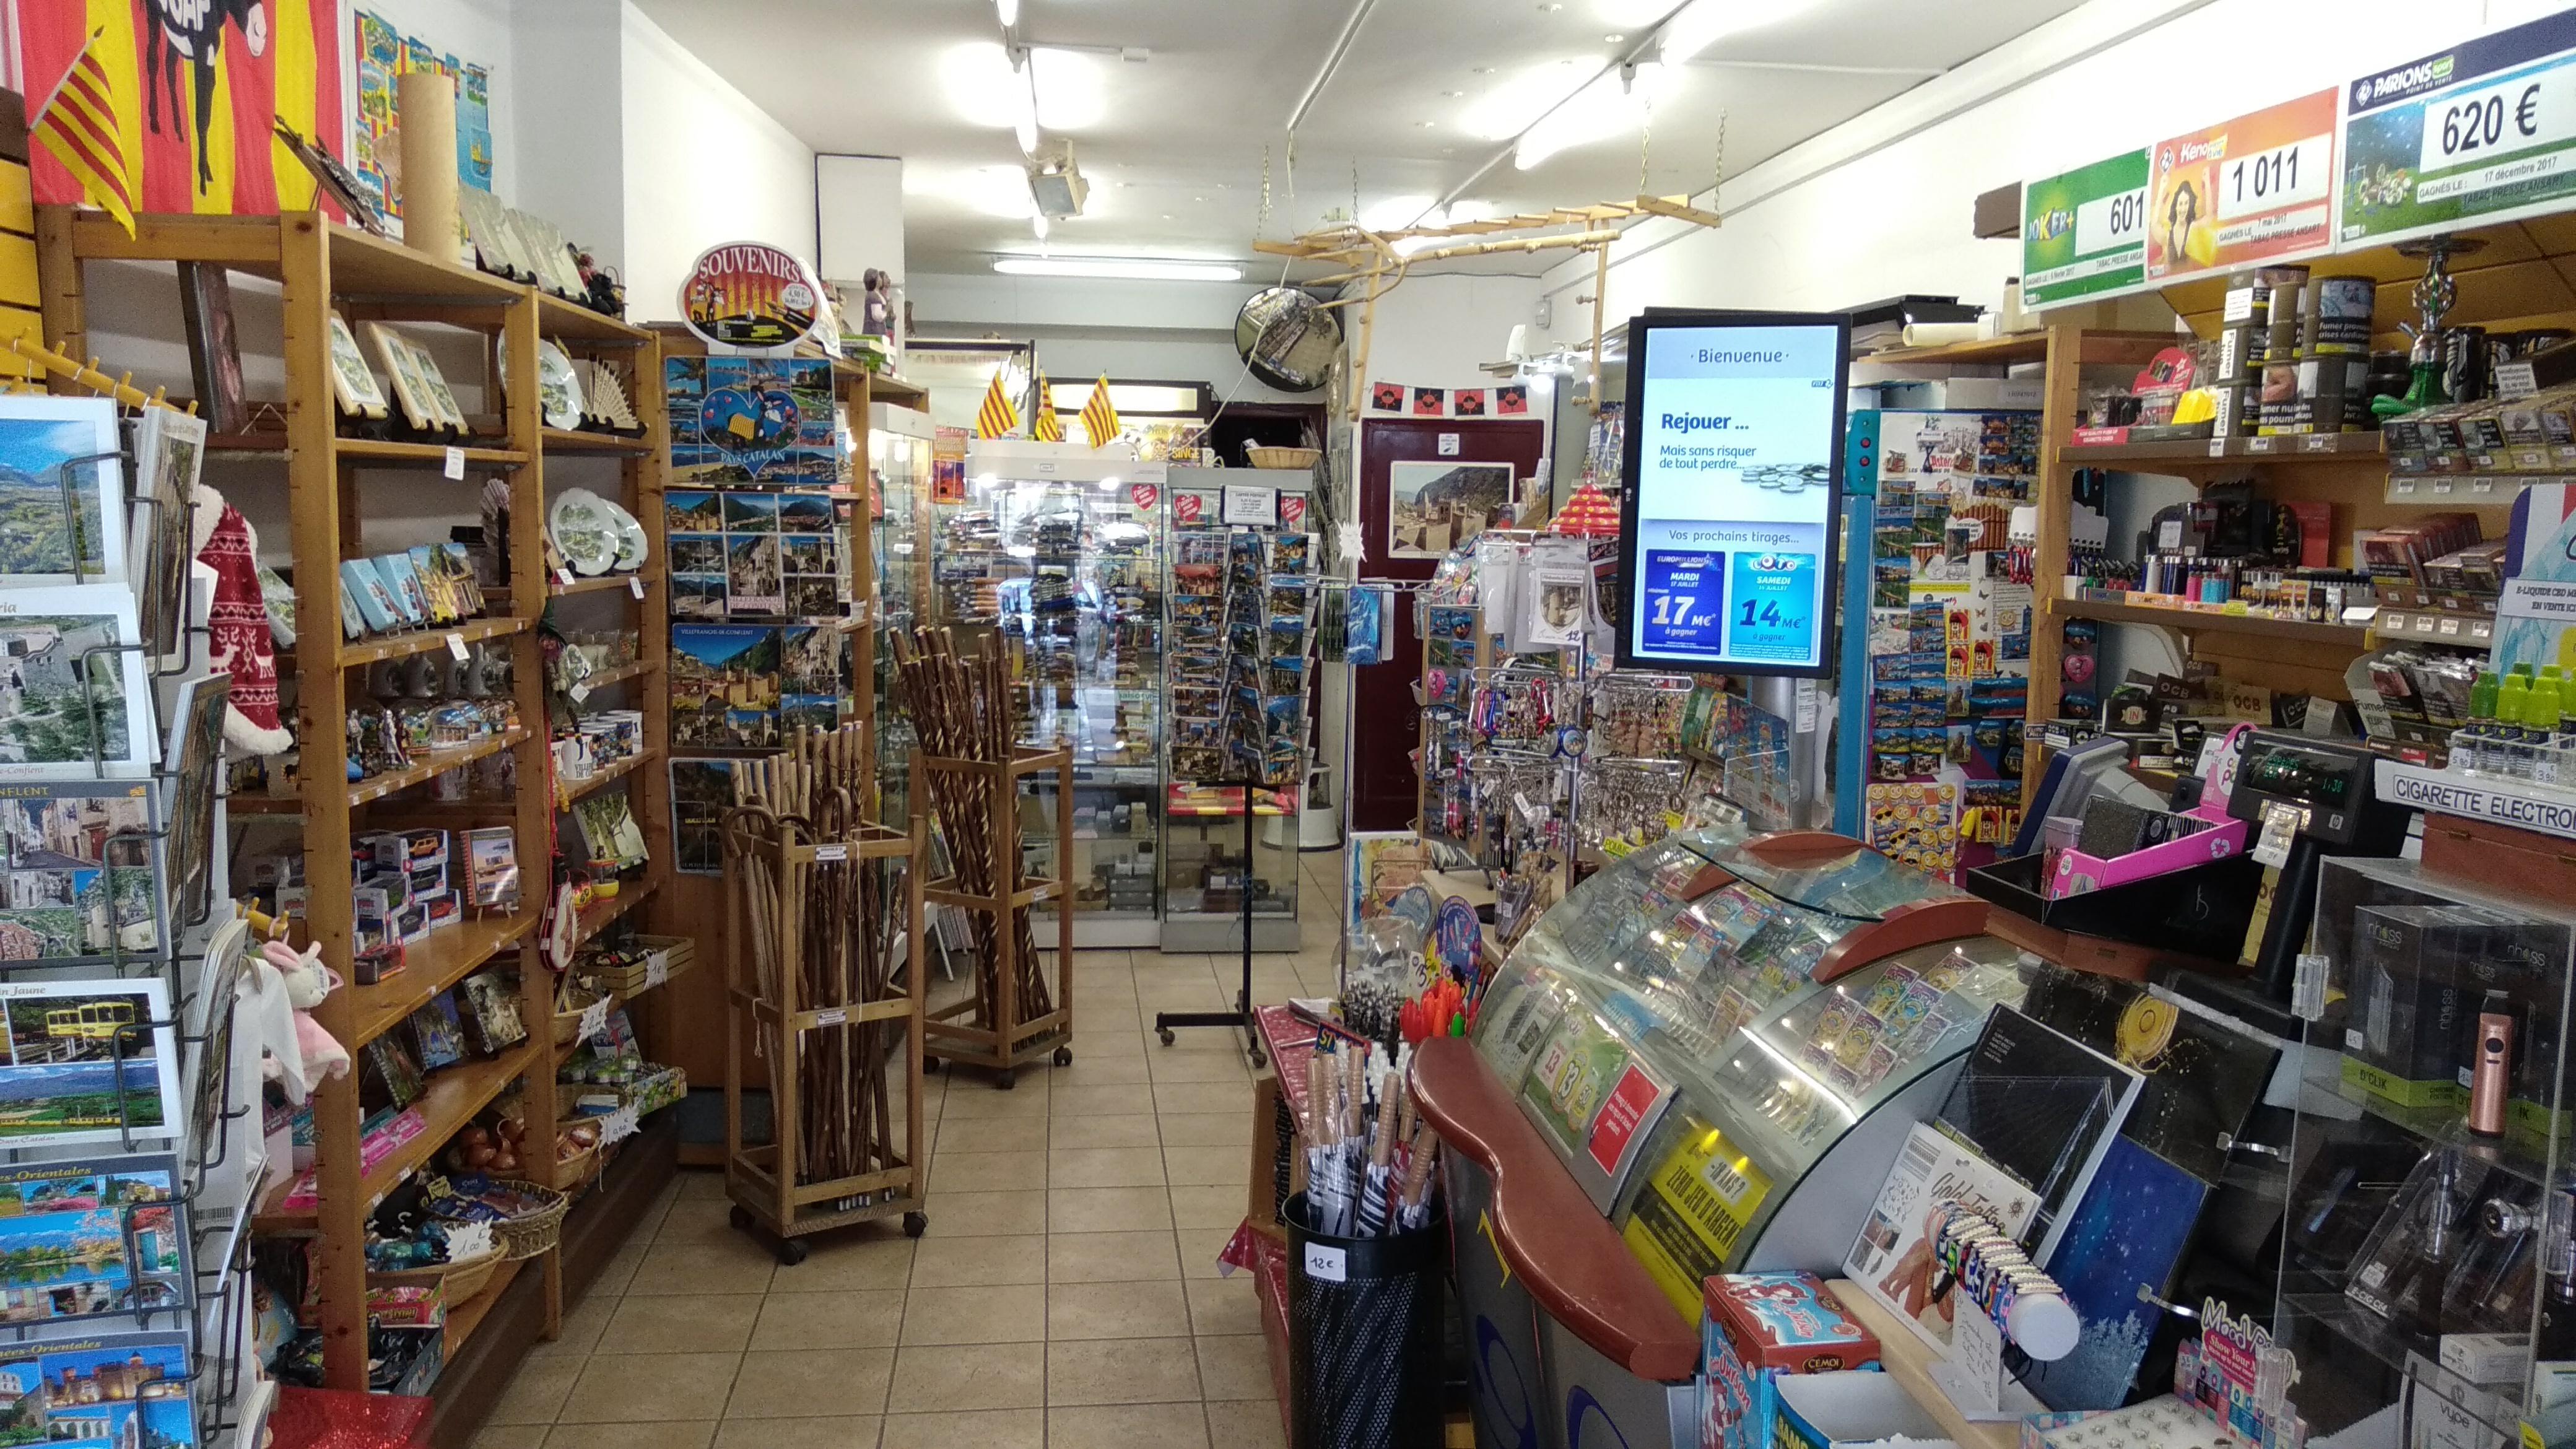 Vente Tabac, presse, loto et cadeaux ; activité ouverte à l'année, 40 m2 à Villefranche-de-Conflent (66500)